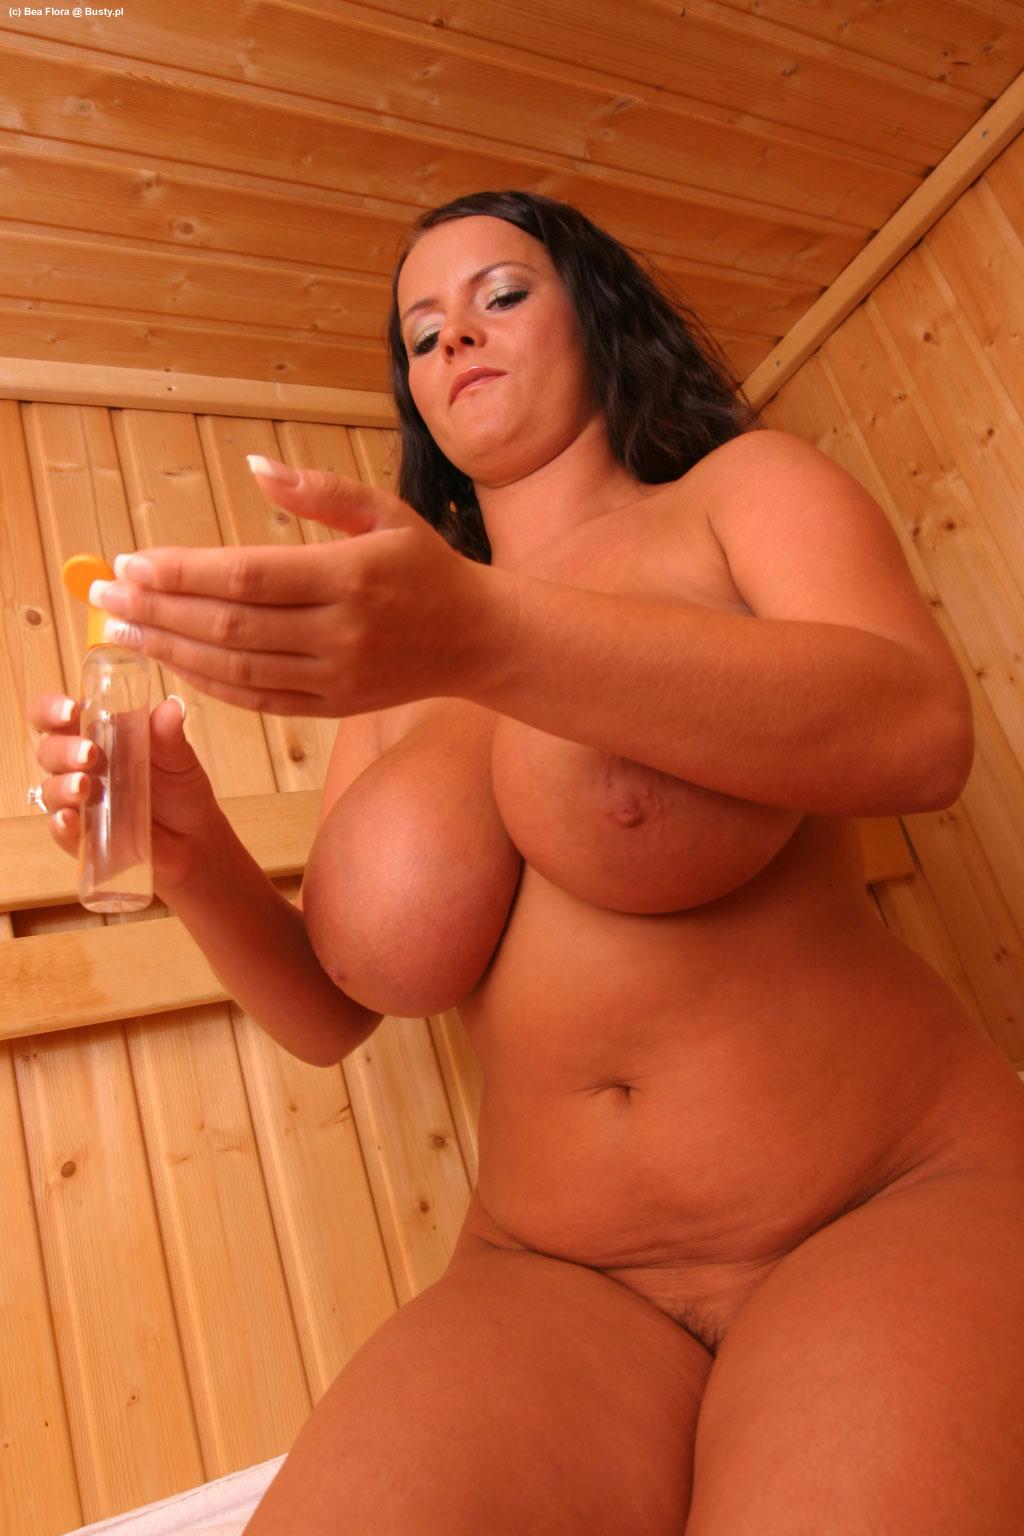 Bea Flora Xxx Ele bea flora in hot sauna